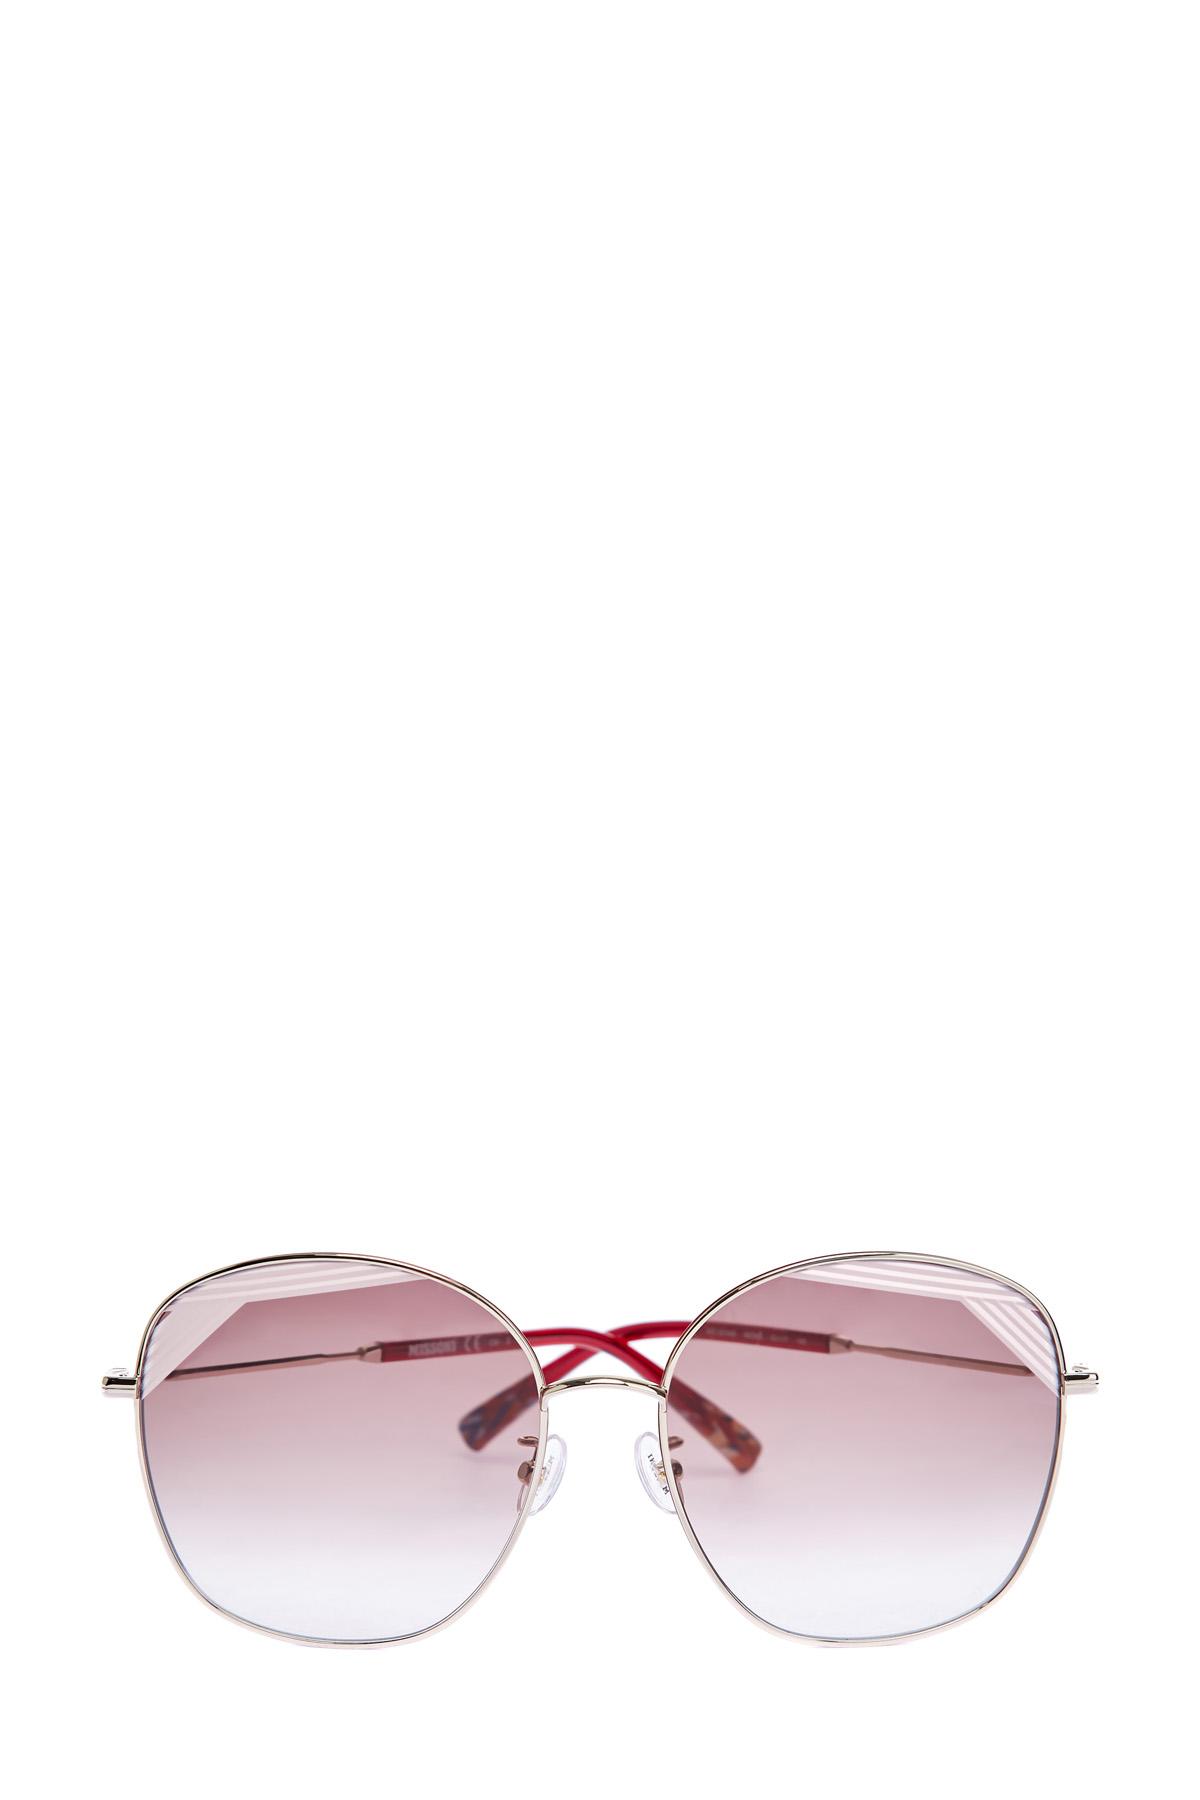 Солнцезащитные очки-oversize в тонкой металлической оправе фото